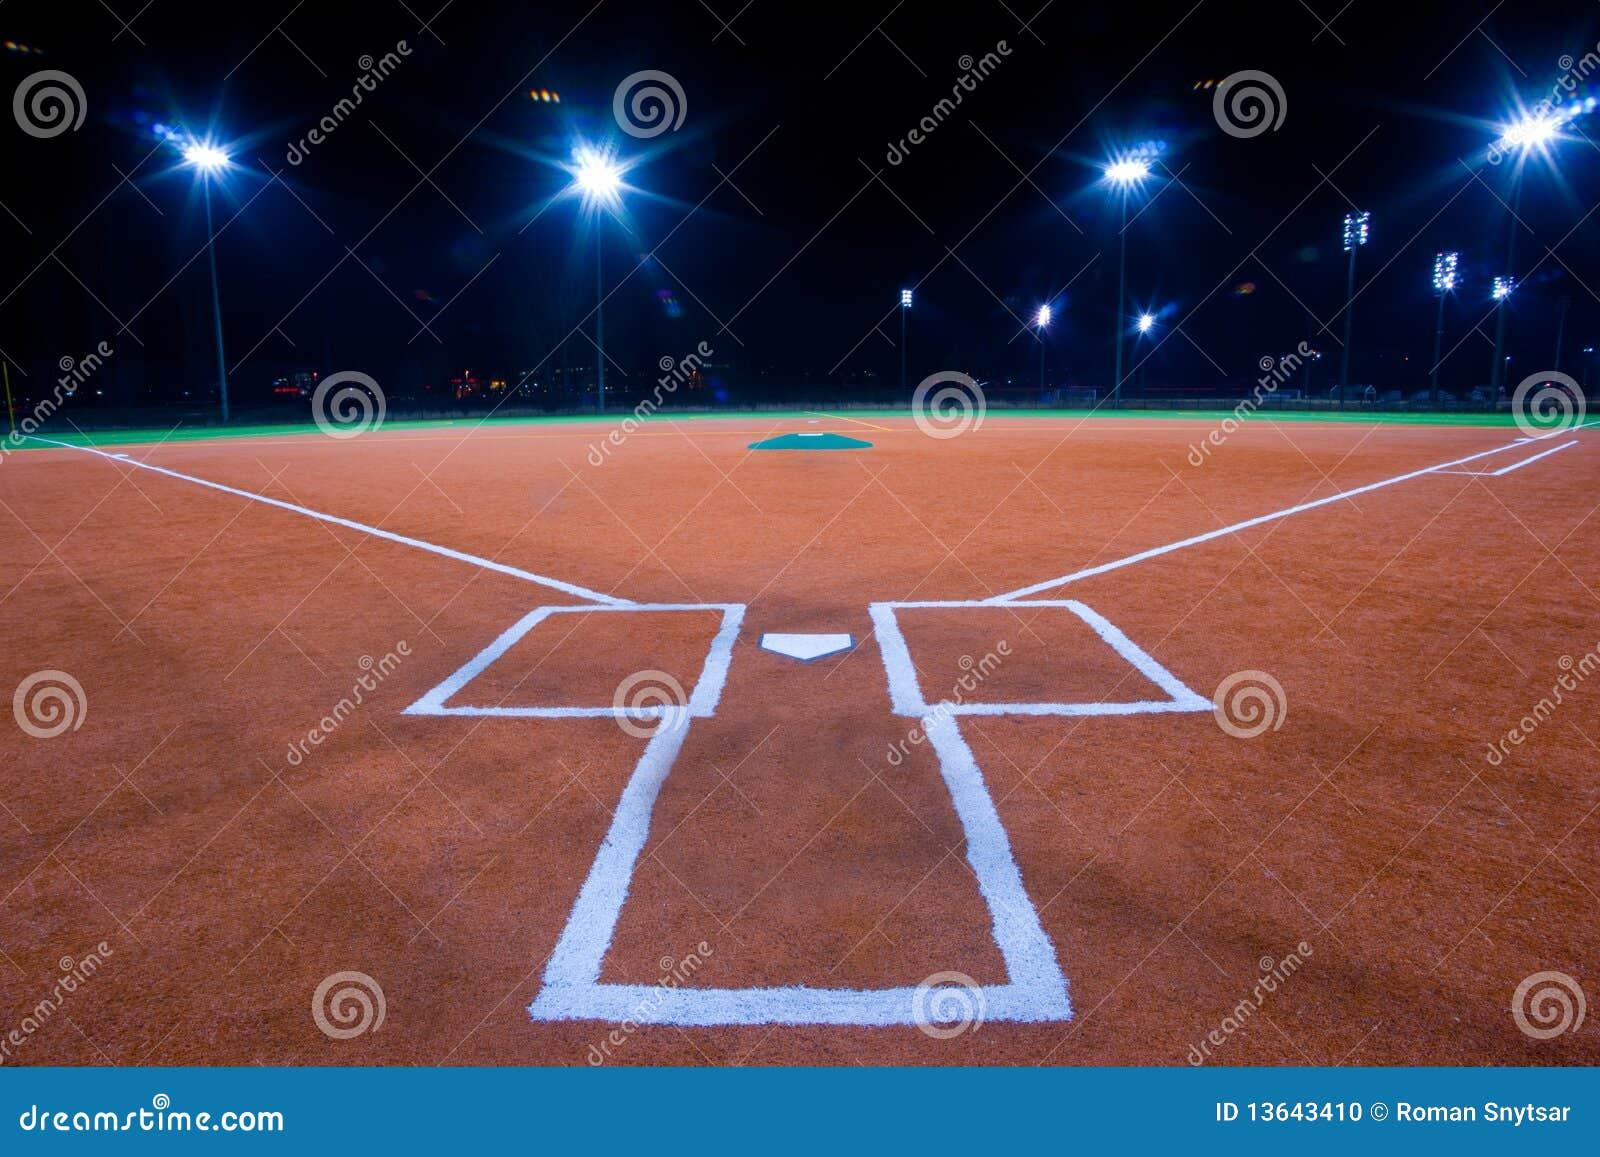 Diamante di baseball alla notte